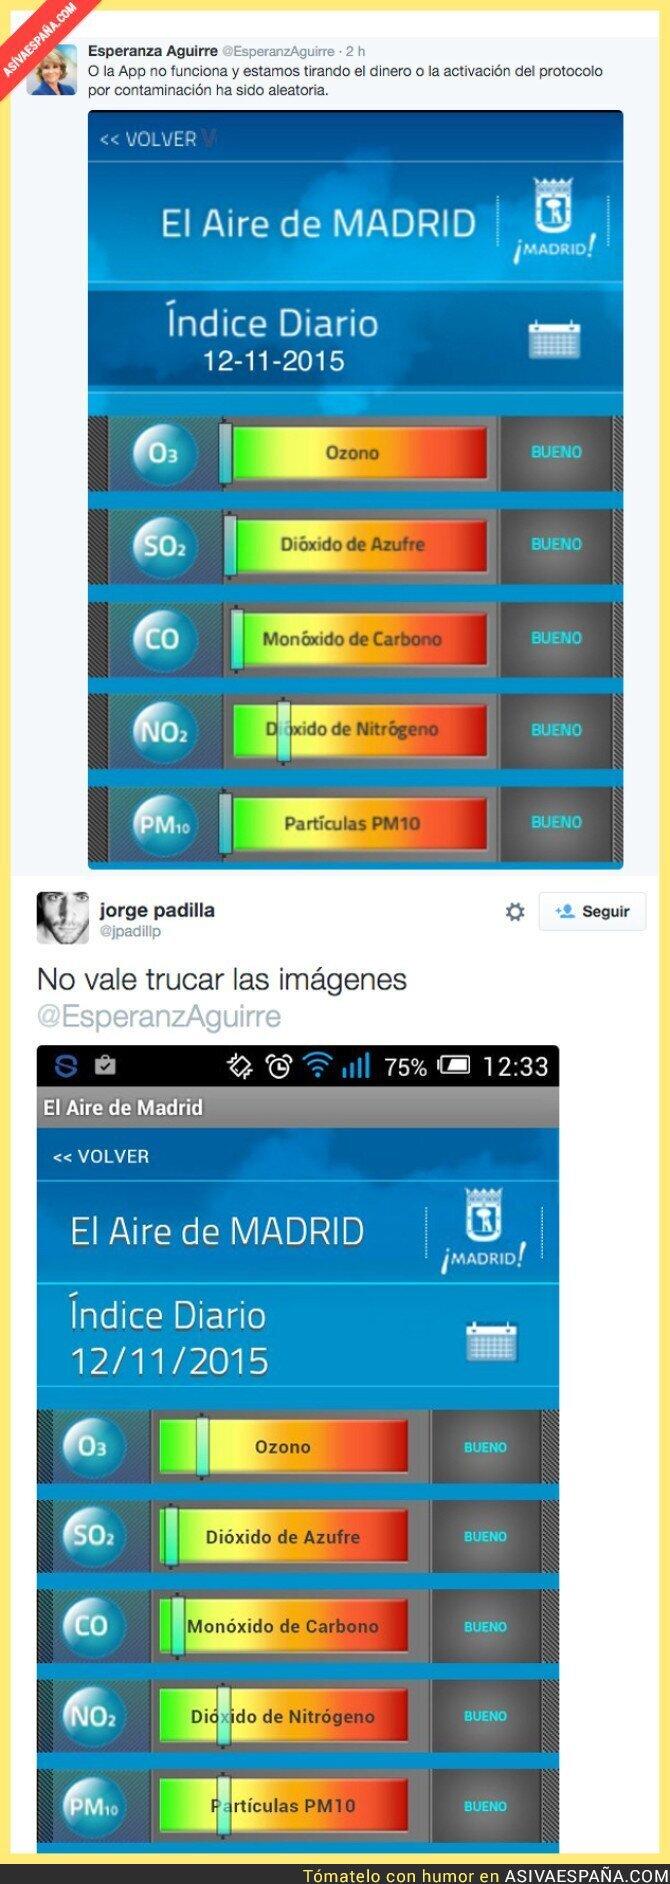 26150 - Esperanza Aguirre ha pasado de la política a trucar imágenes con Photoshop